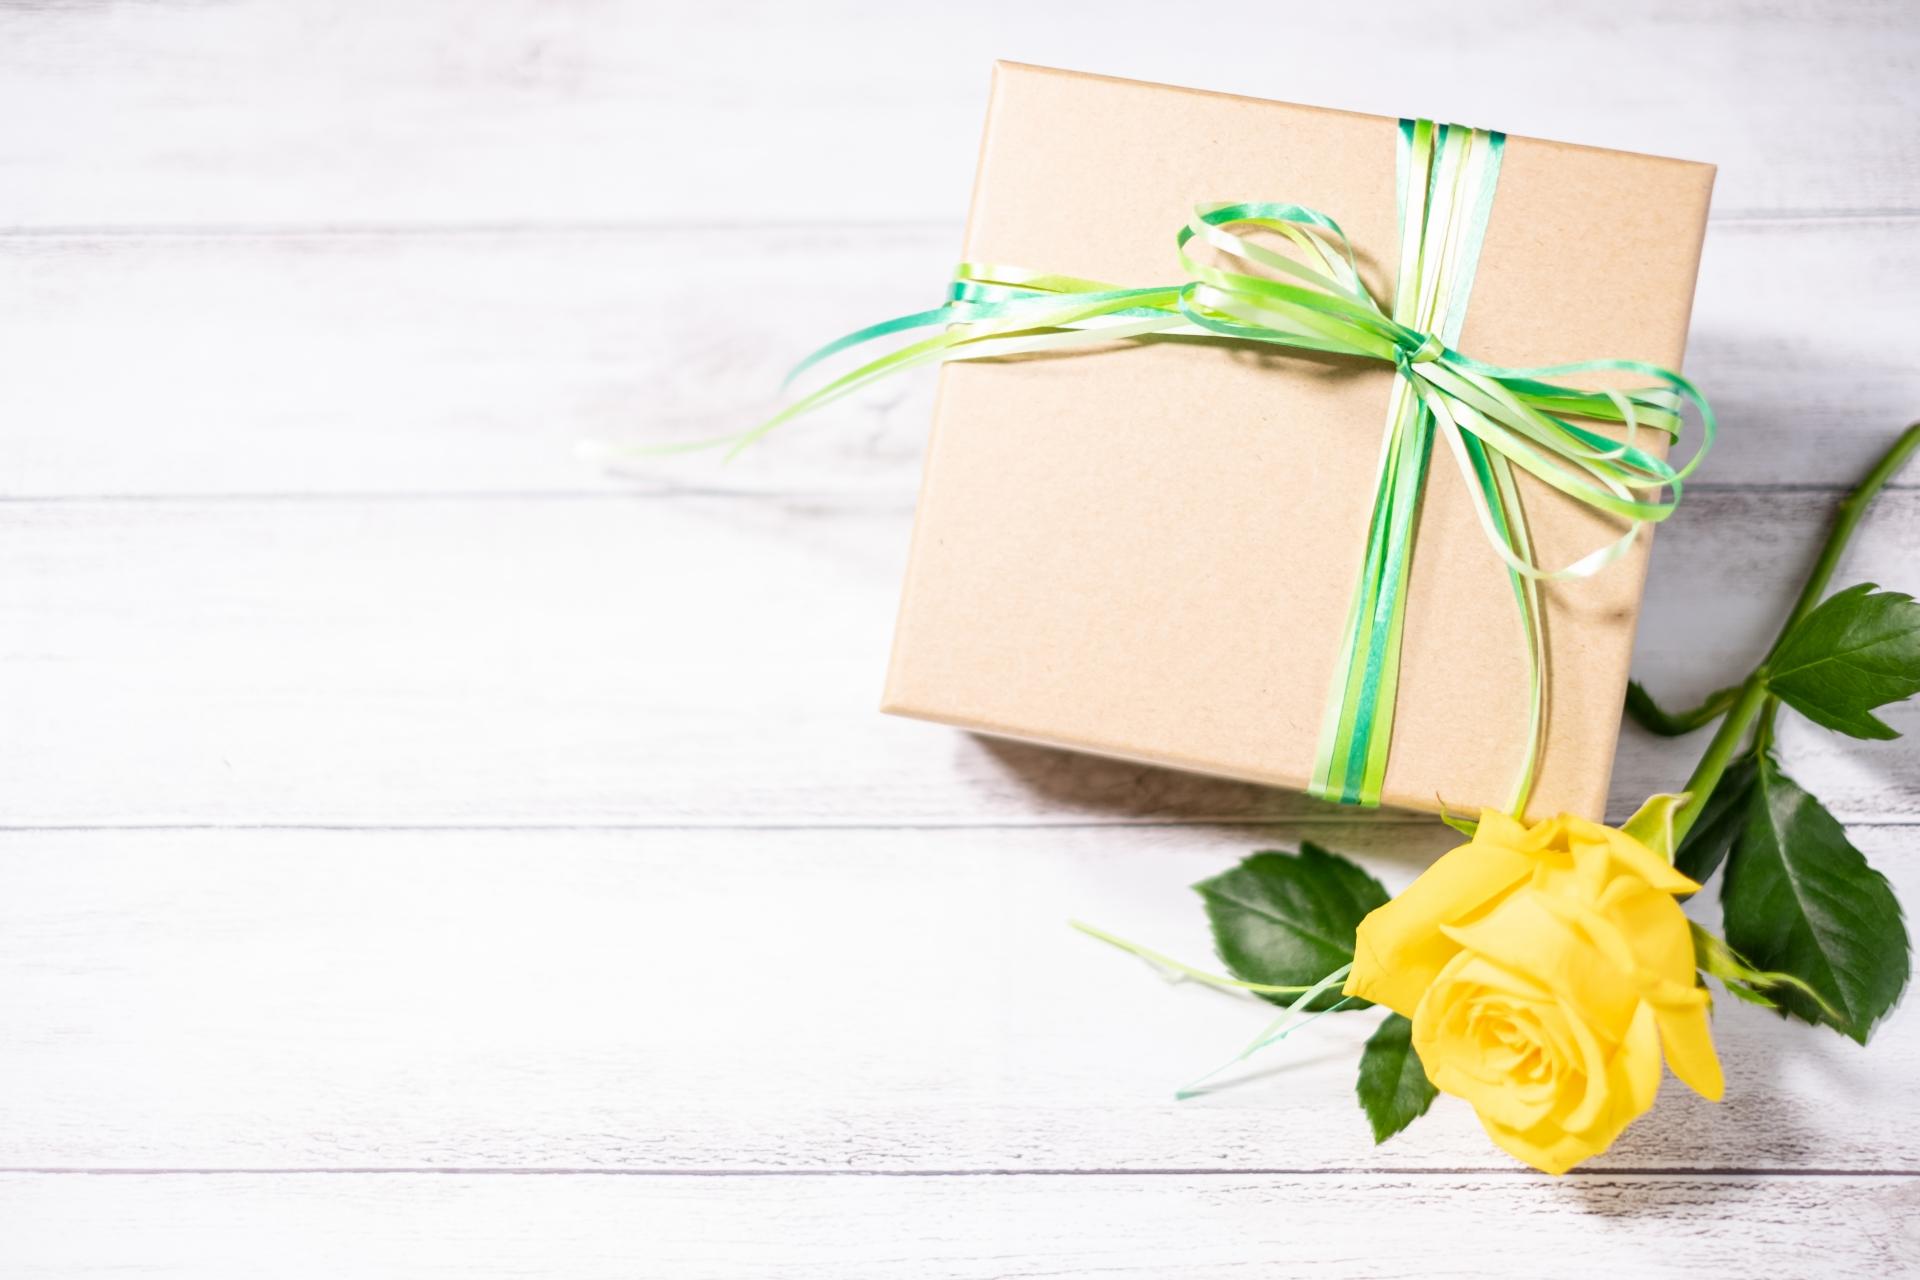 敬老の日のプレゼントおすすめ28選!健康グッズや日用品も